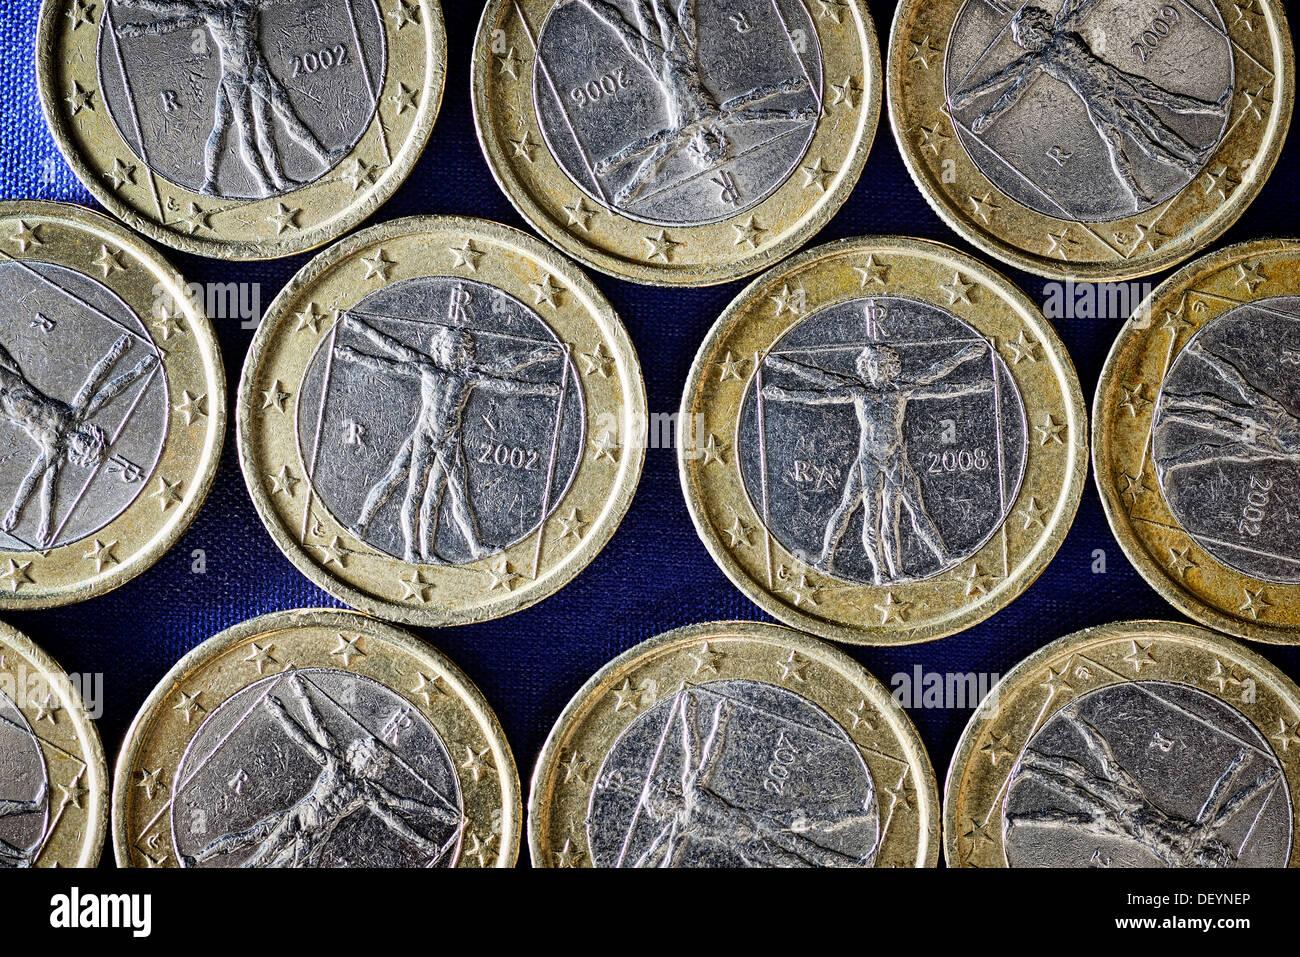 Italian eurocoins, debt crisis in Italy, Italienische Euromünzen, Schuldenkrise in Italien - Stock Image